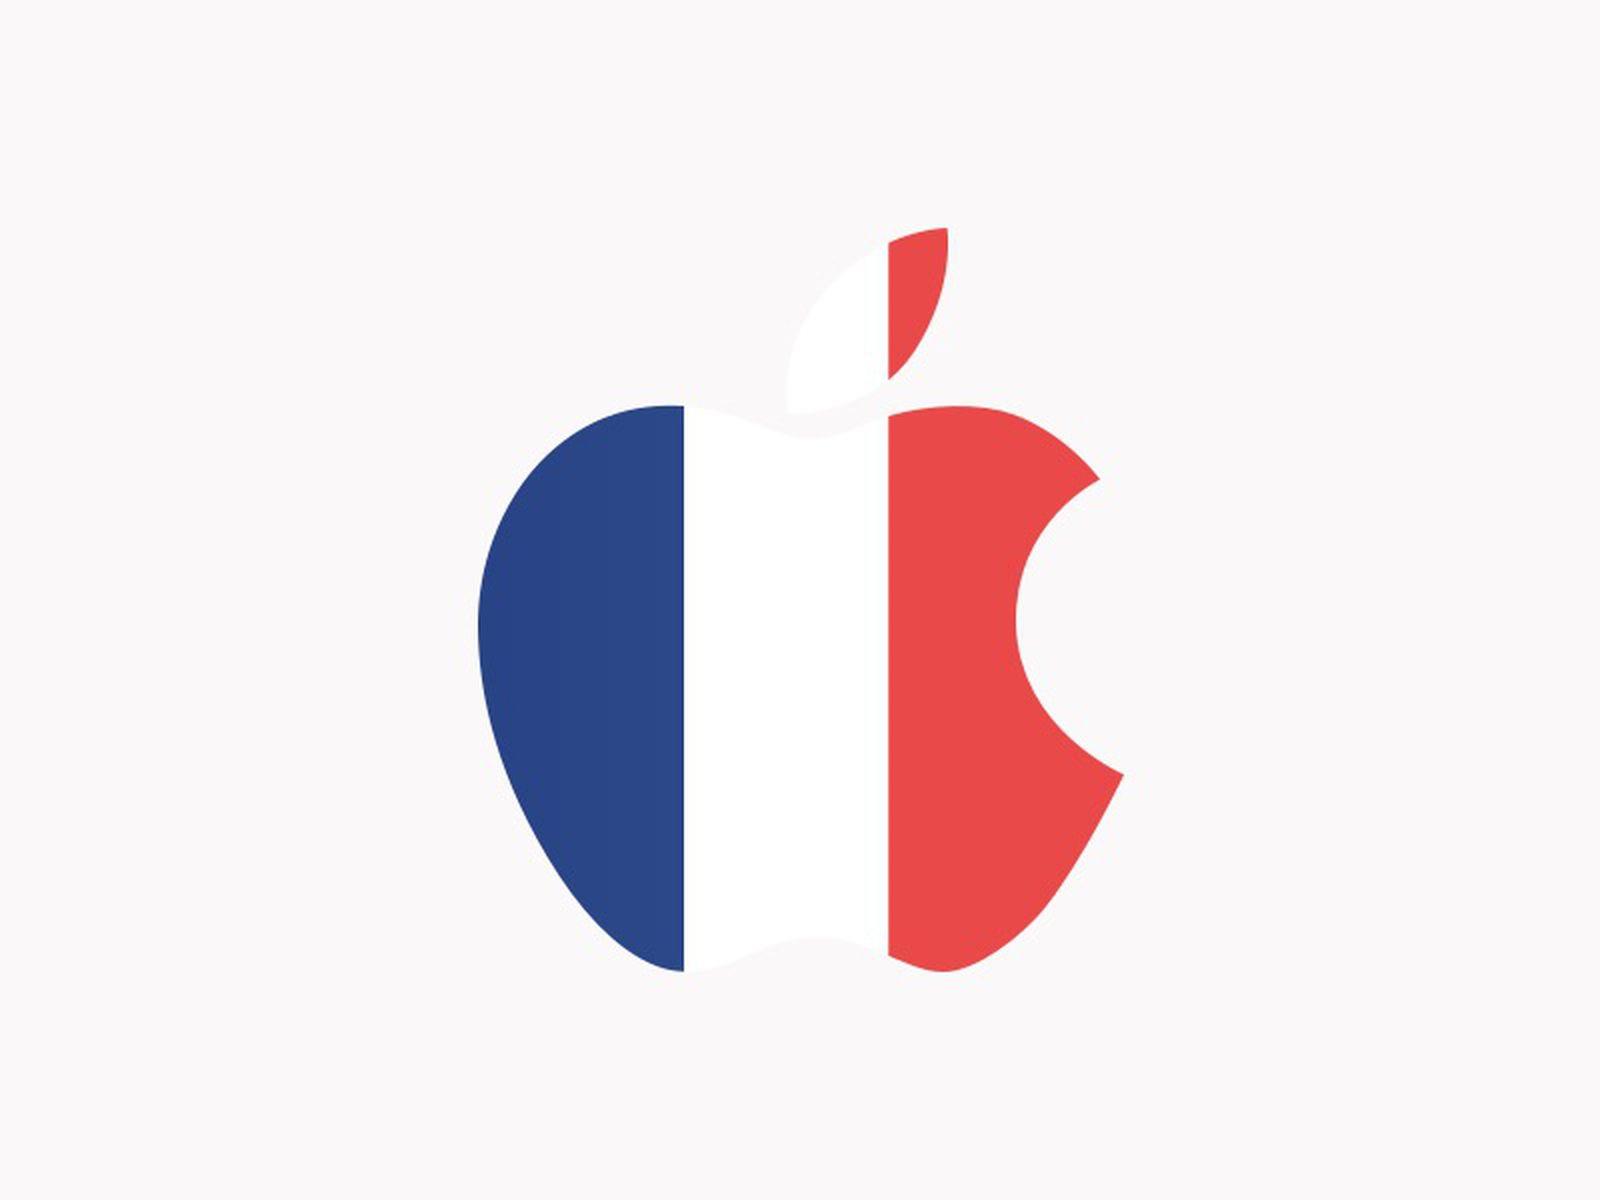 جریمه ۲۷ میلیون دلاری اپل در فرانسه به دلیل کند کردن آیفون های قدیمی